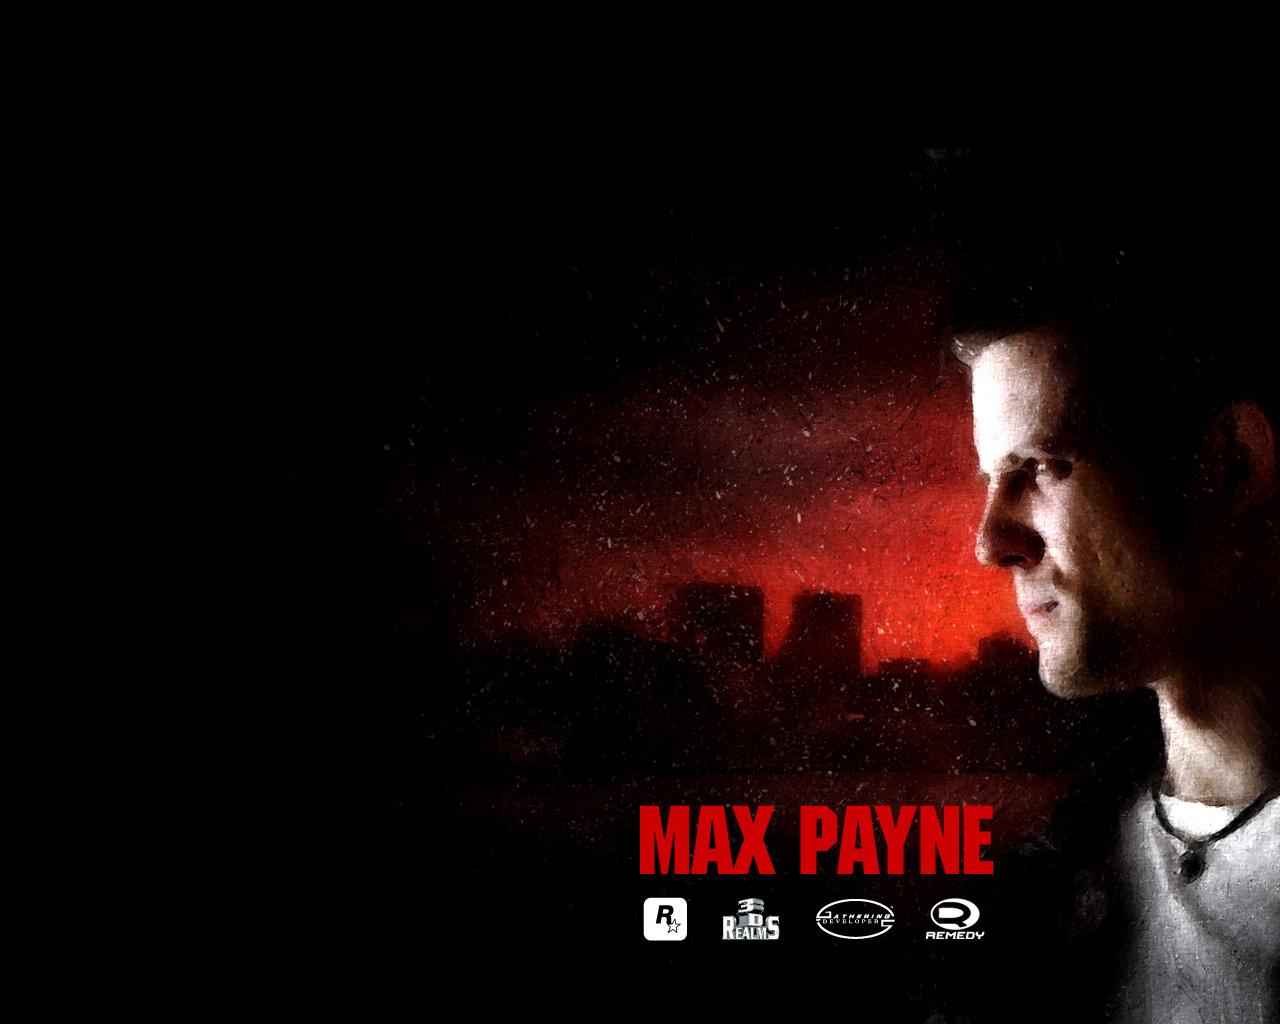 max payne max payne wallpaper max payne wallpaper max paynejpg 1280x1024